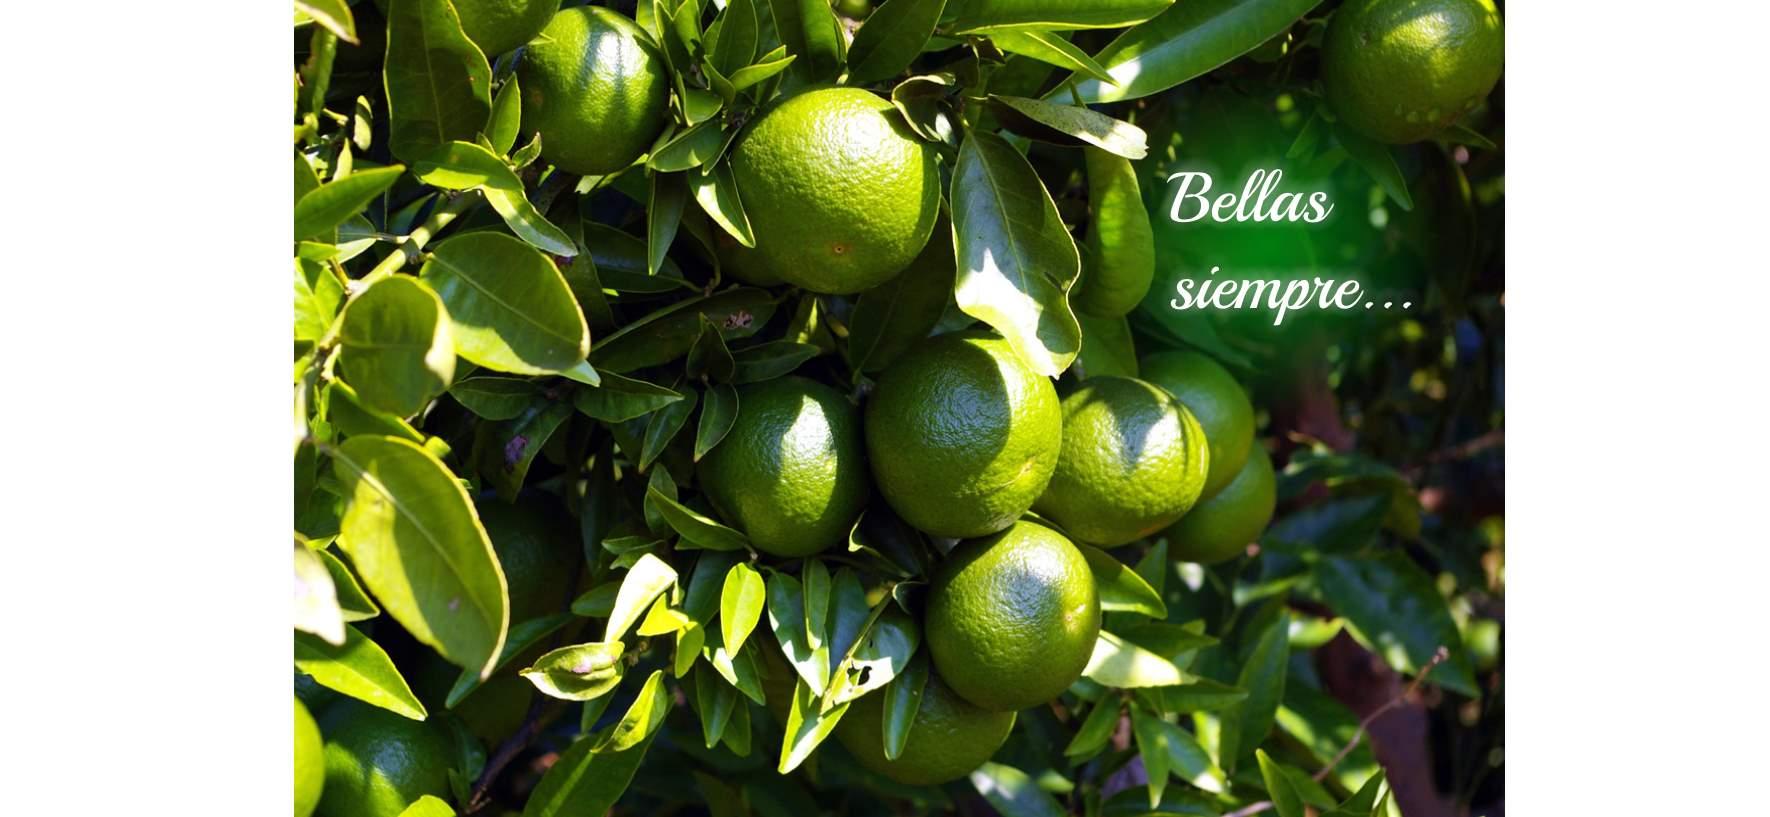 Naranjas o verdes... ¡Bellas Siempre!